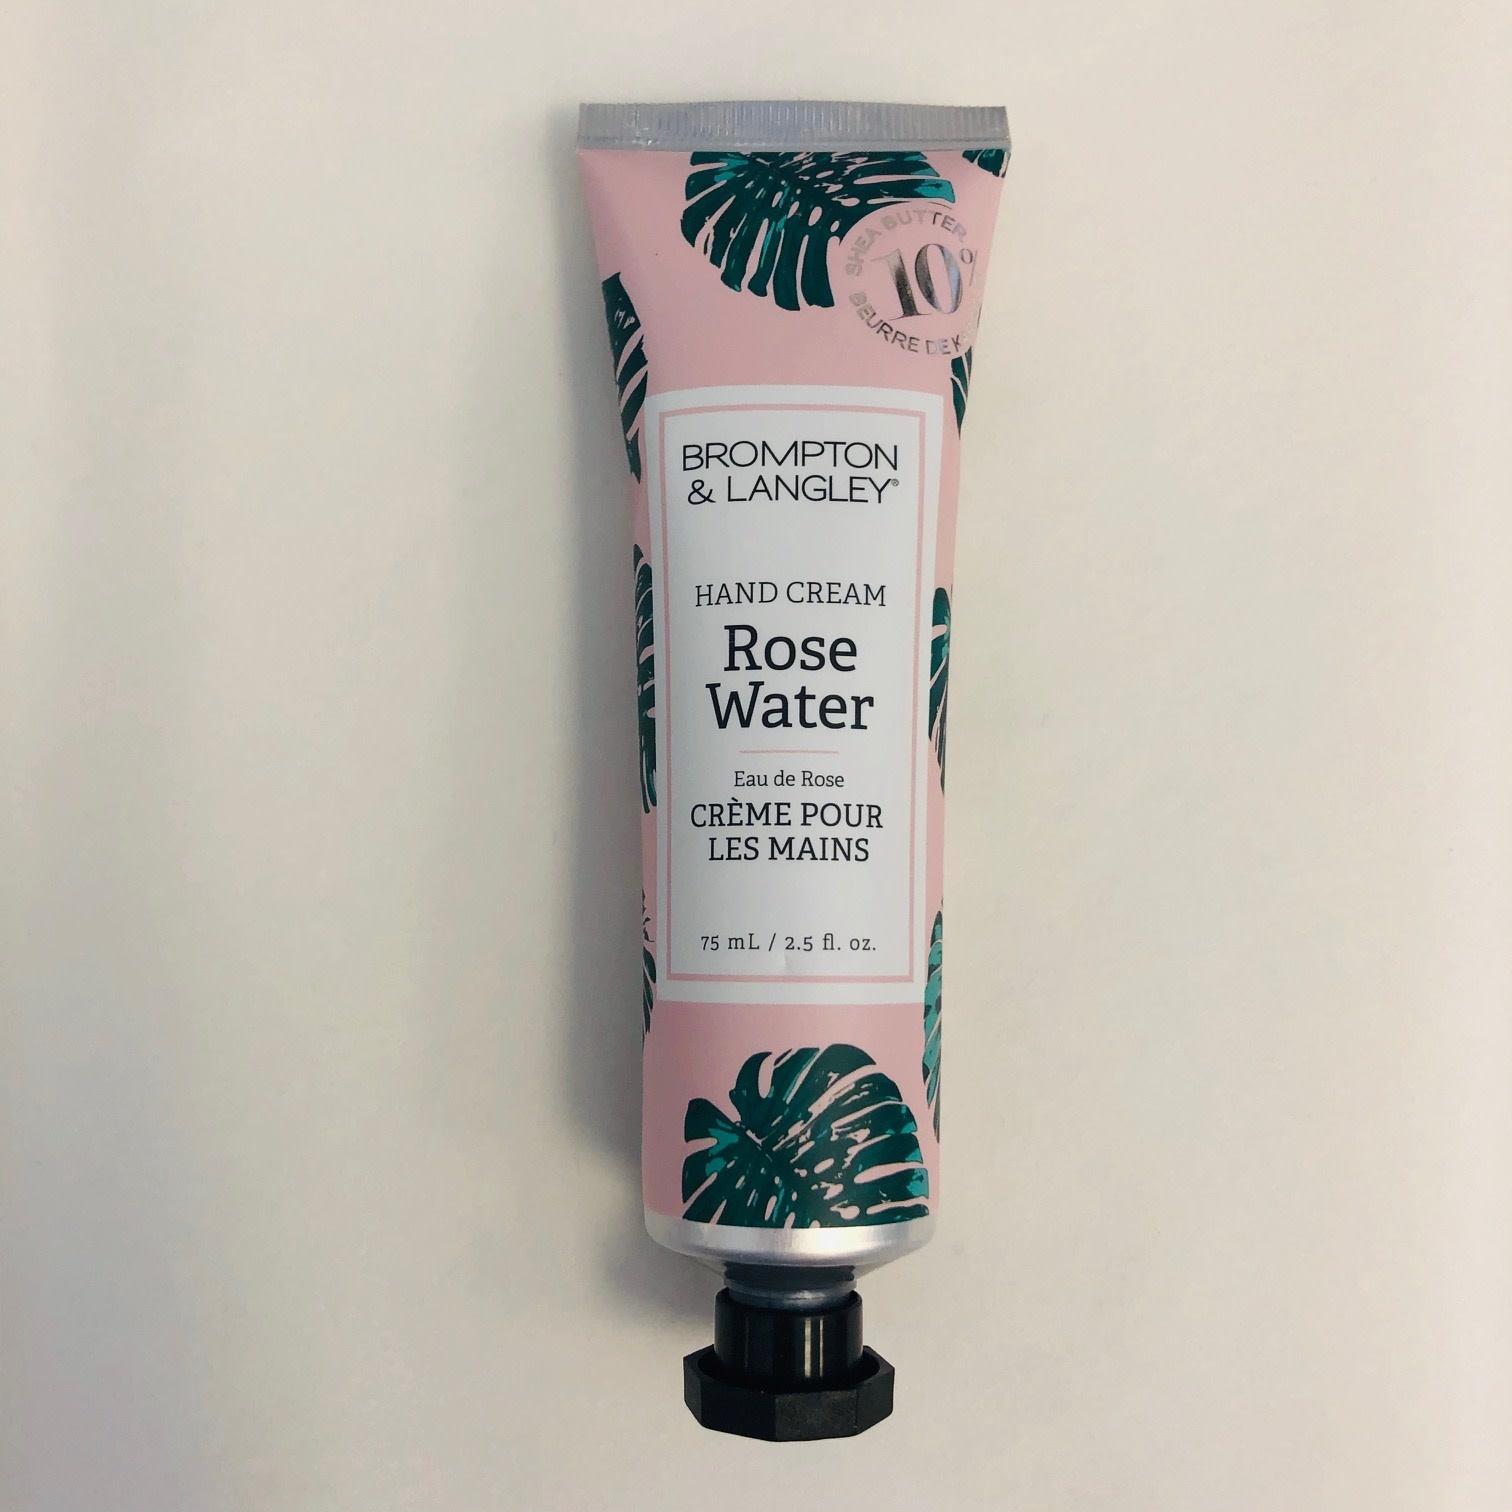 B&L Hand Cream 75ml - Rose Water